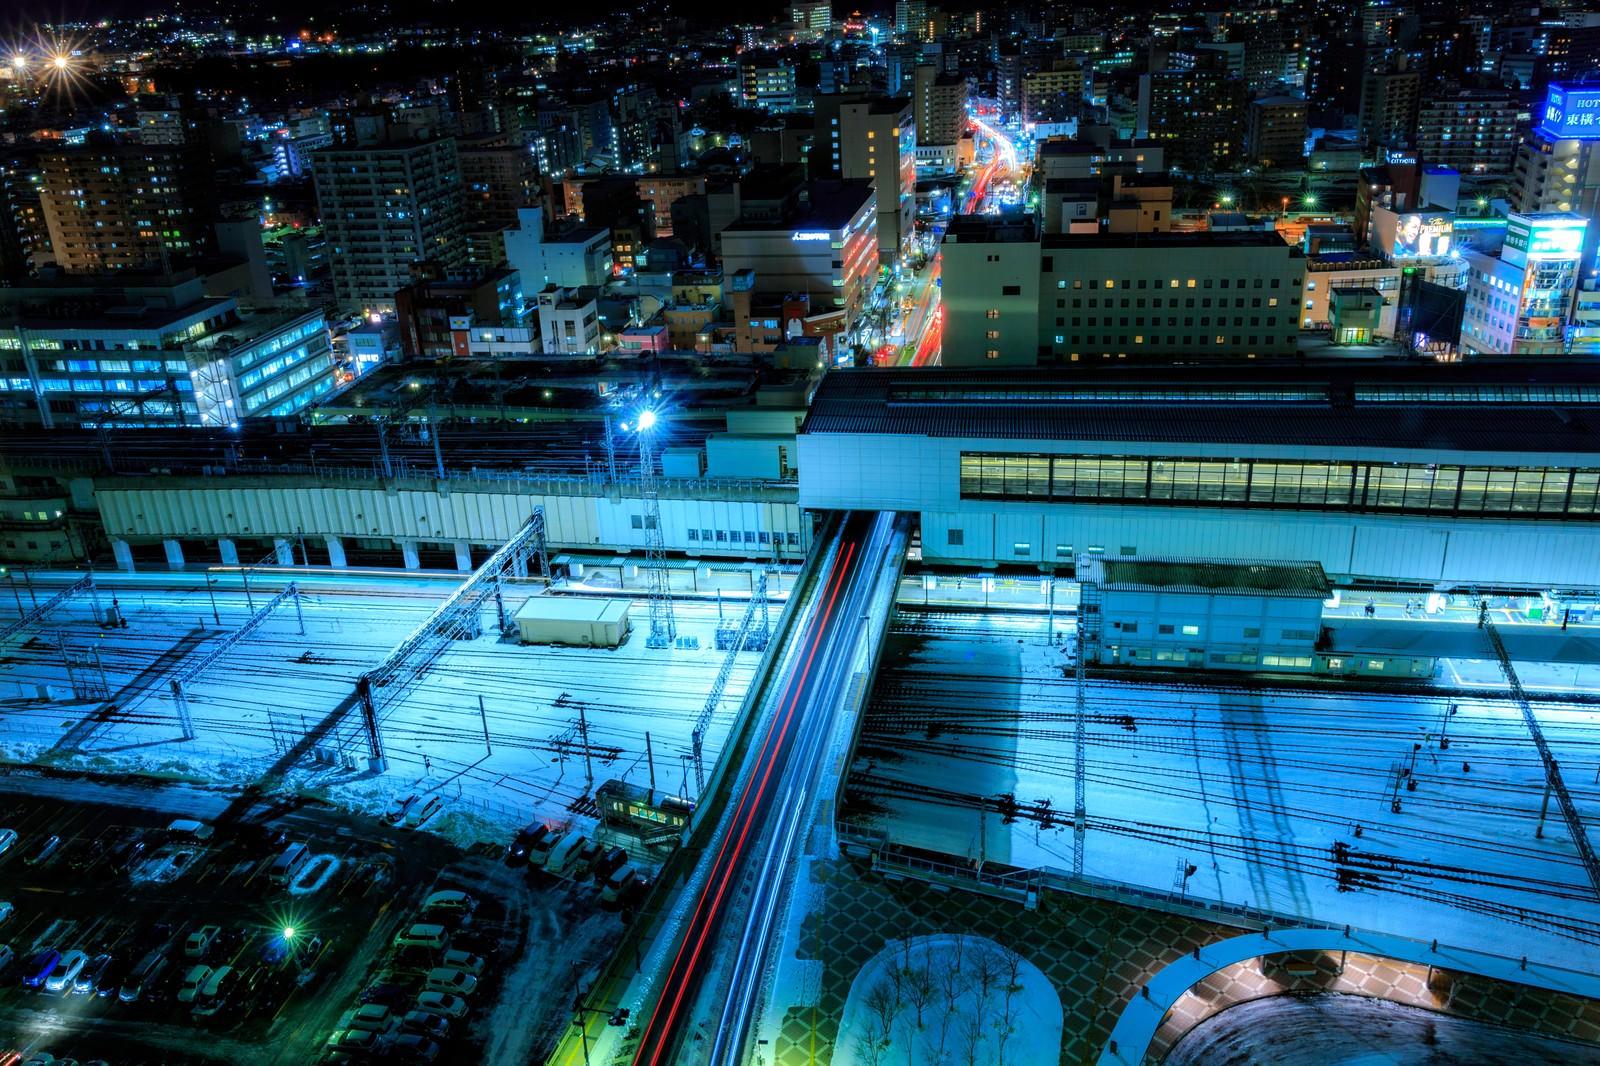 「雪が積もる盛岡駅夜景」の写真